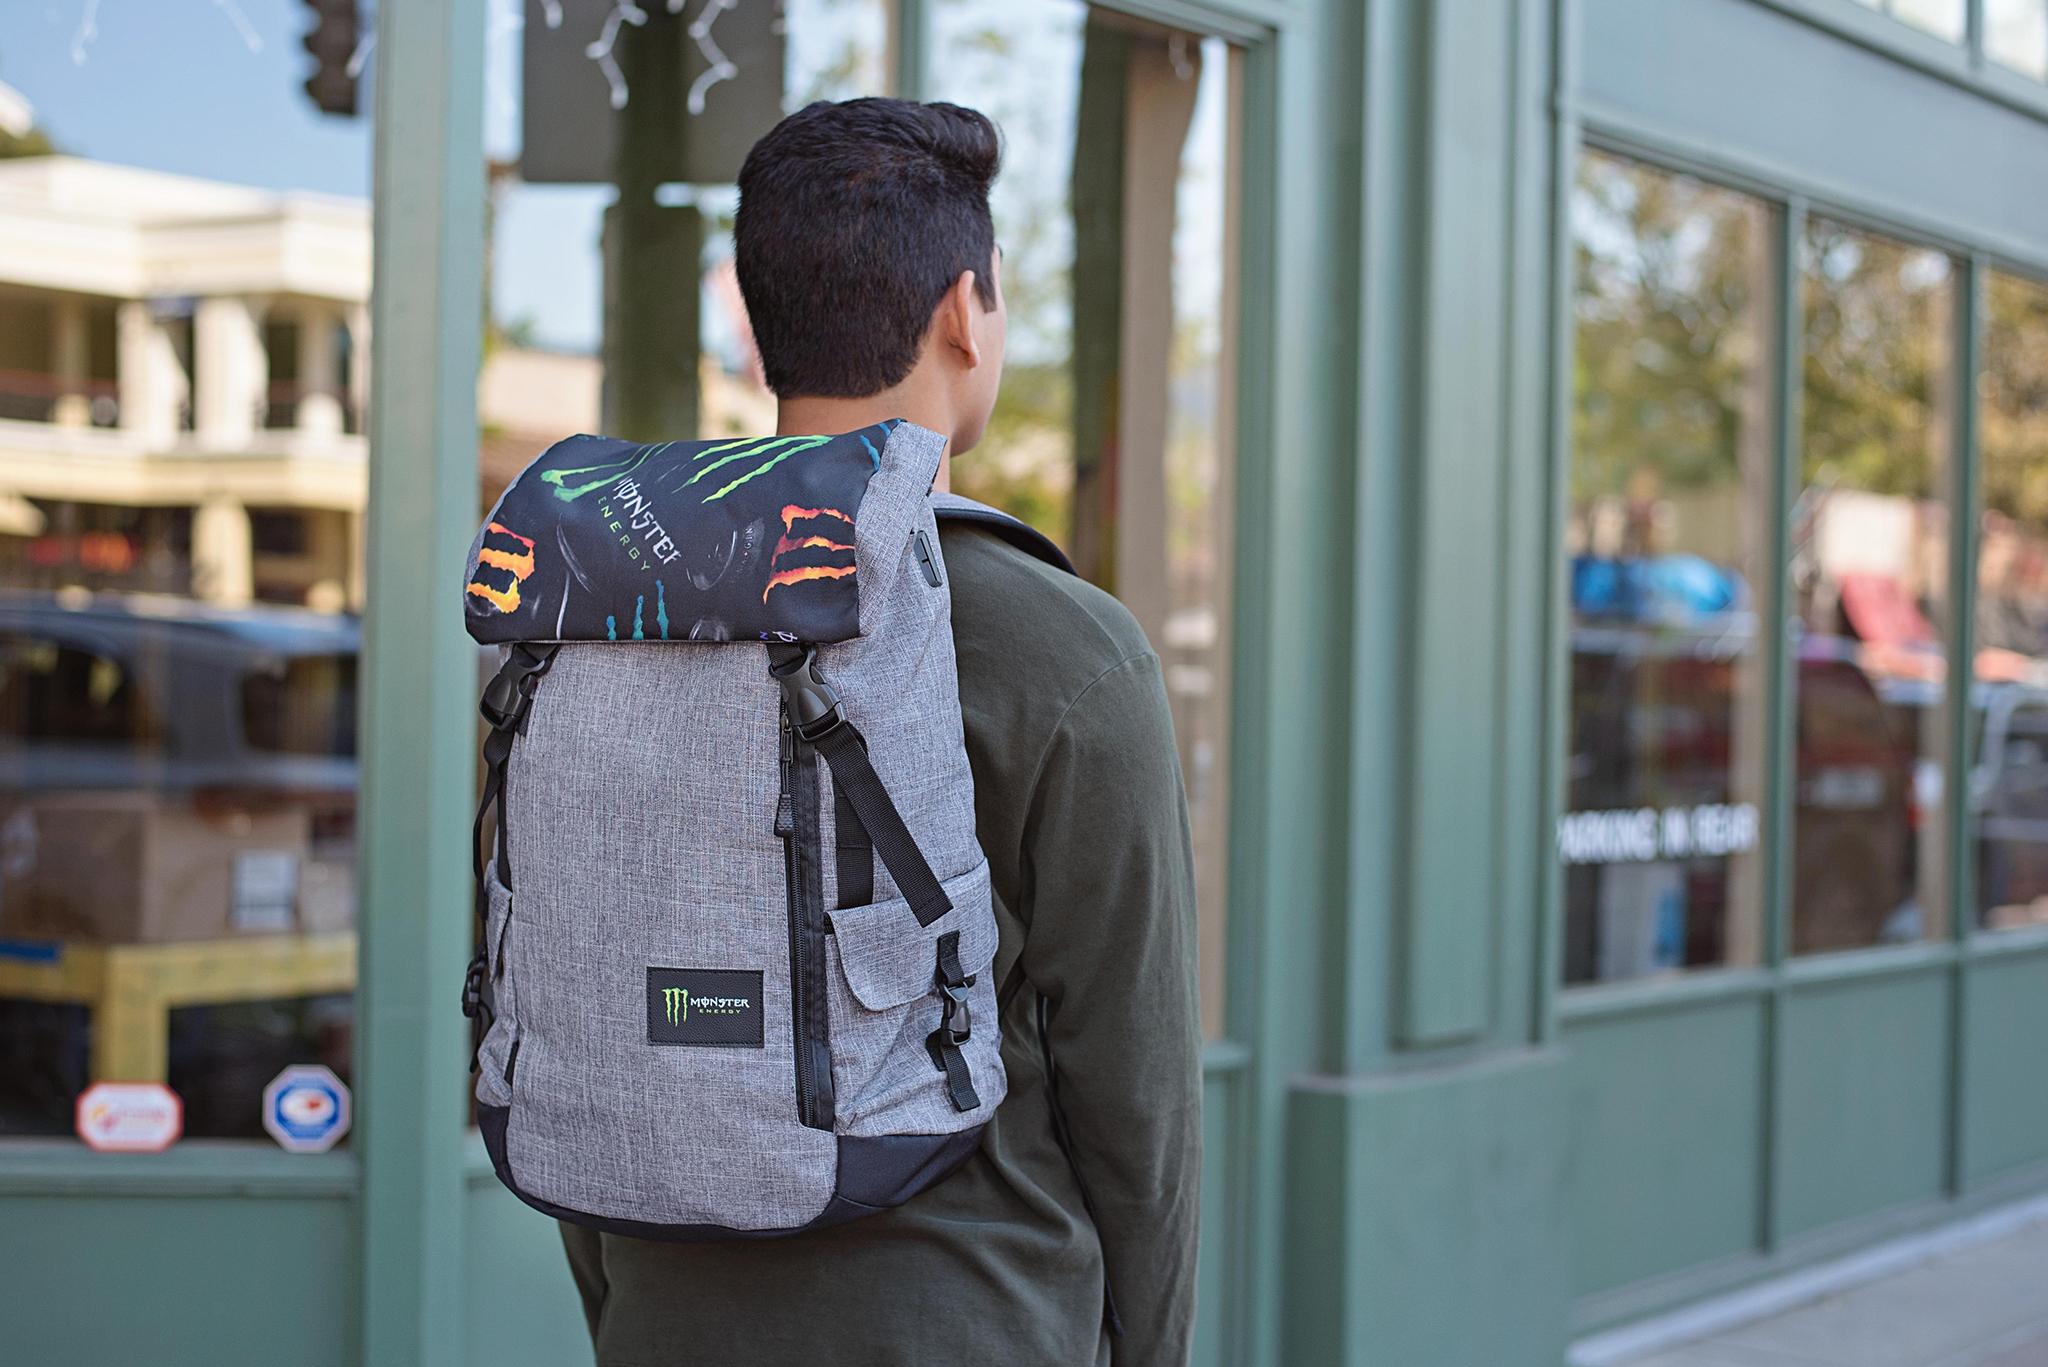 Penryn Pack With Custom Top Origaudio Promo